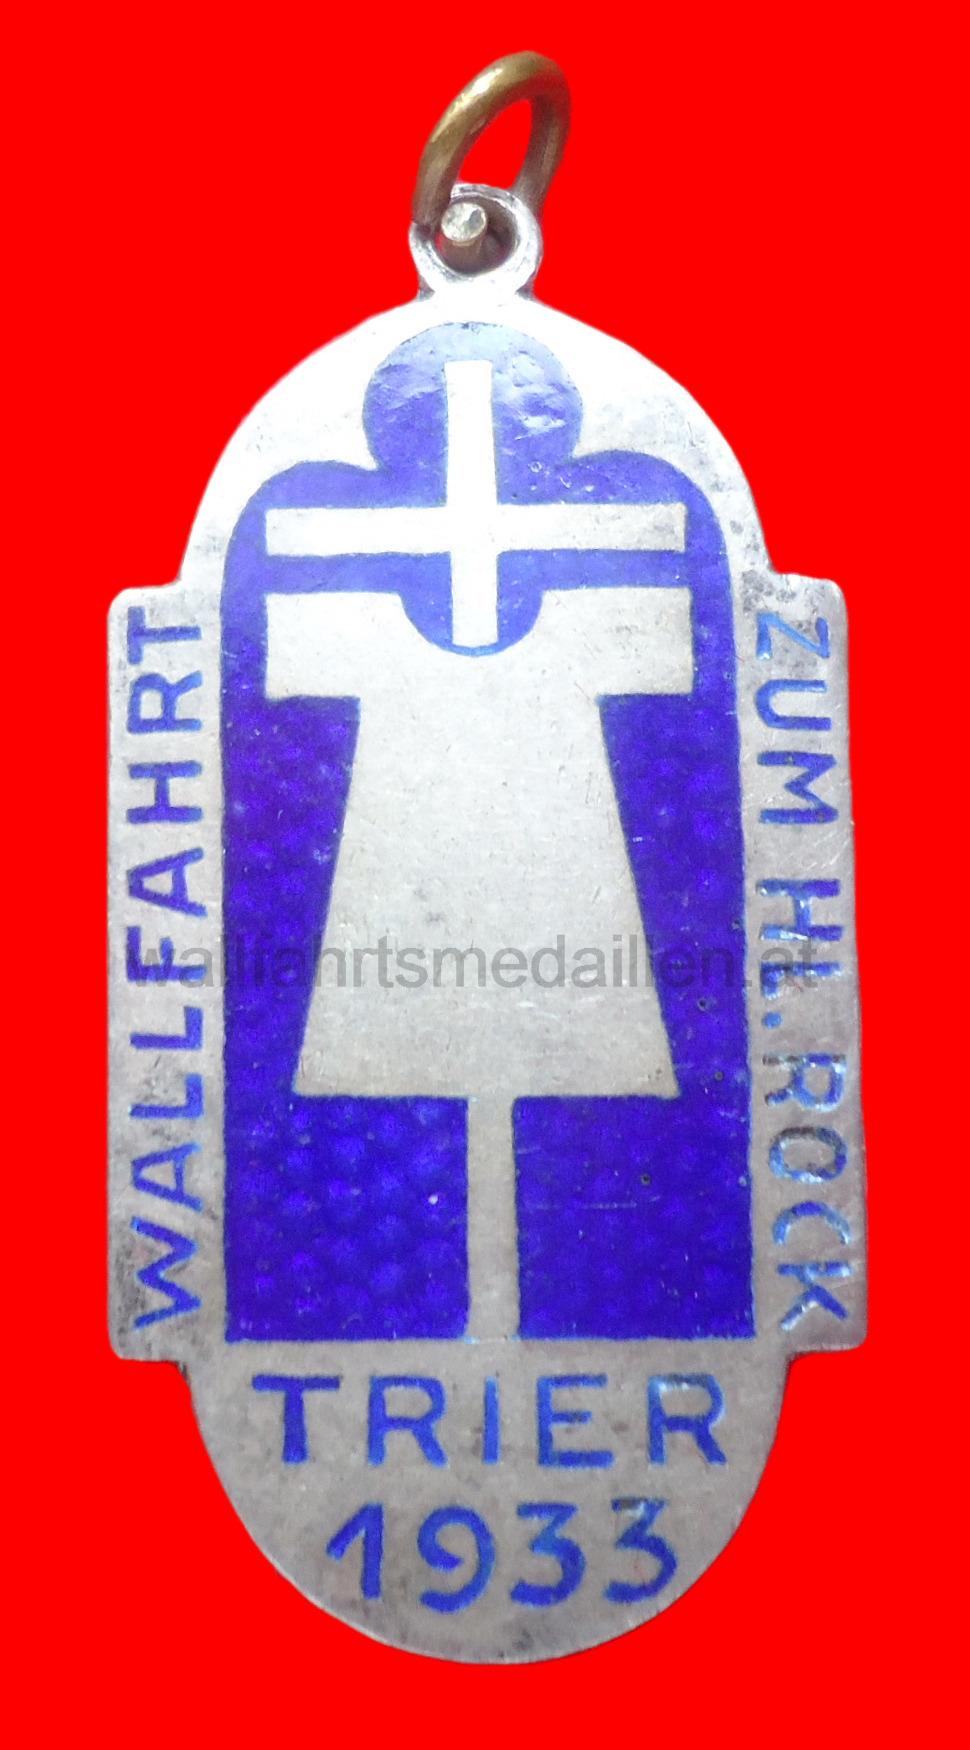 Wallfahrt Trier 1933